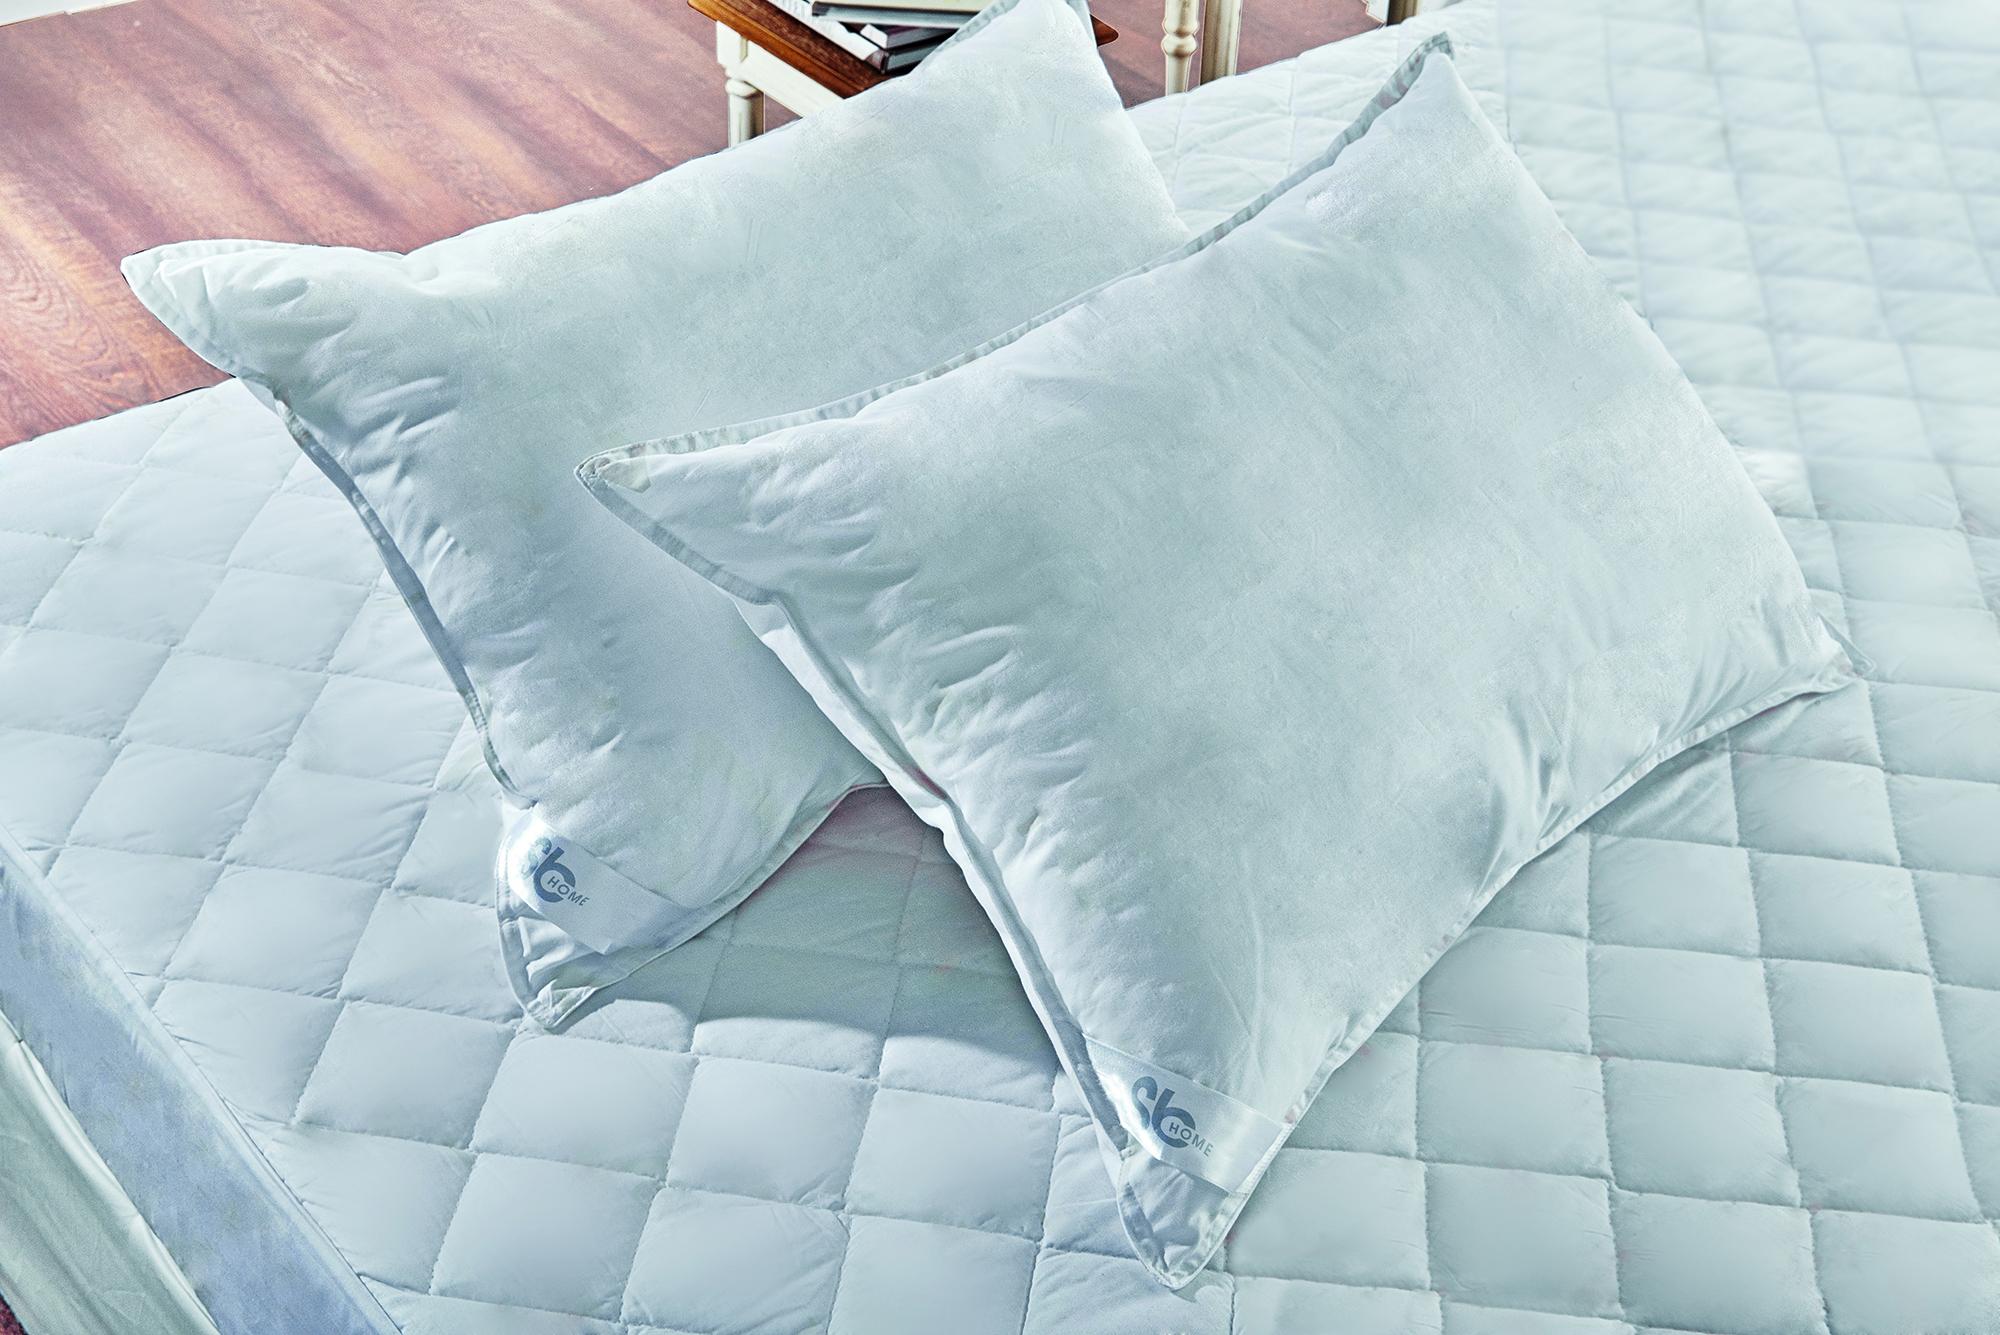 Μαξιλάρι ύπνου με μπάλες σιλικόνης (50X70), MADISON, SB HOME υπνοδωματιο   μαξιλάρια ύπνου